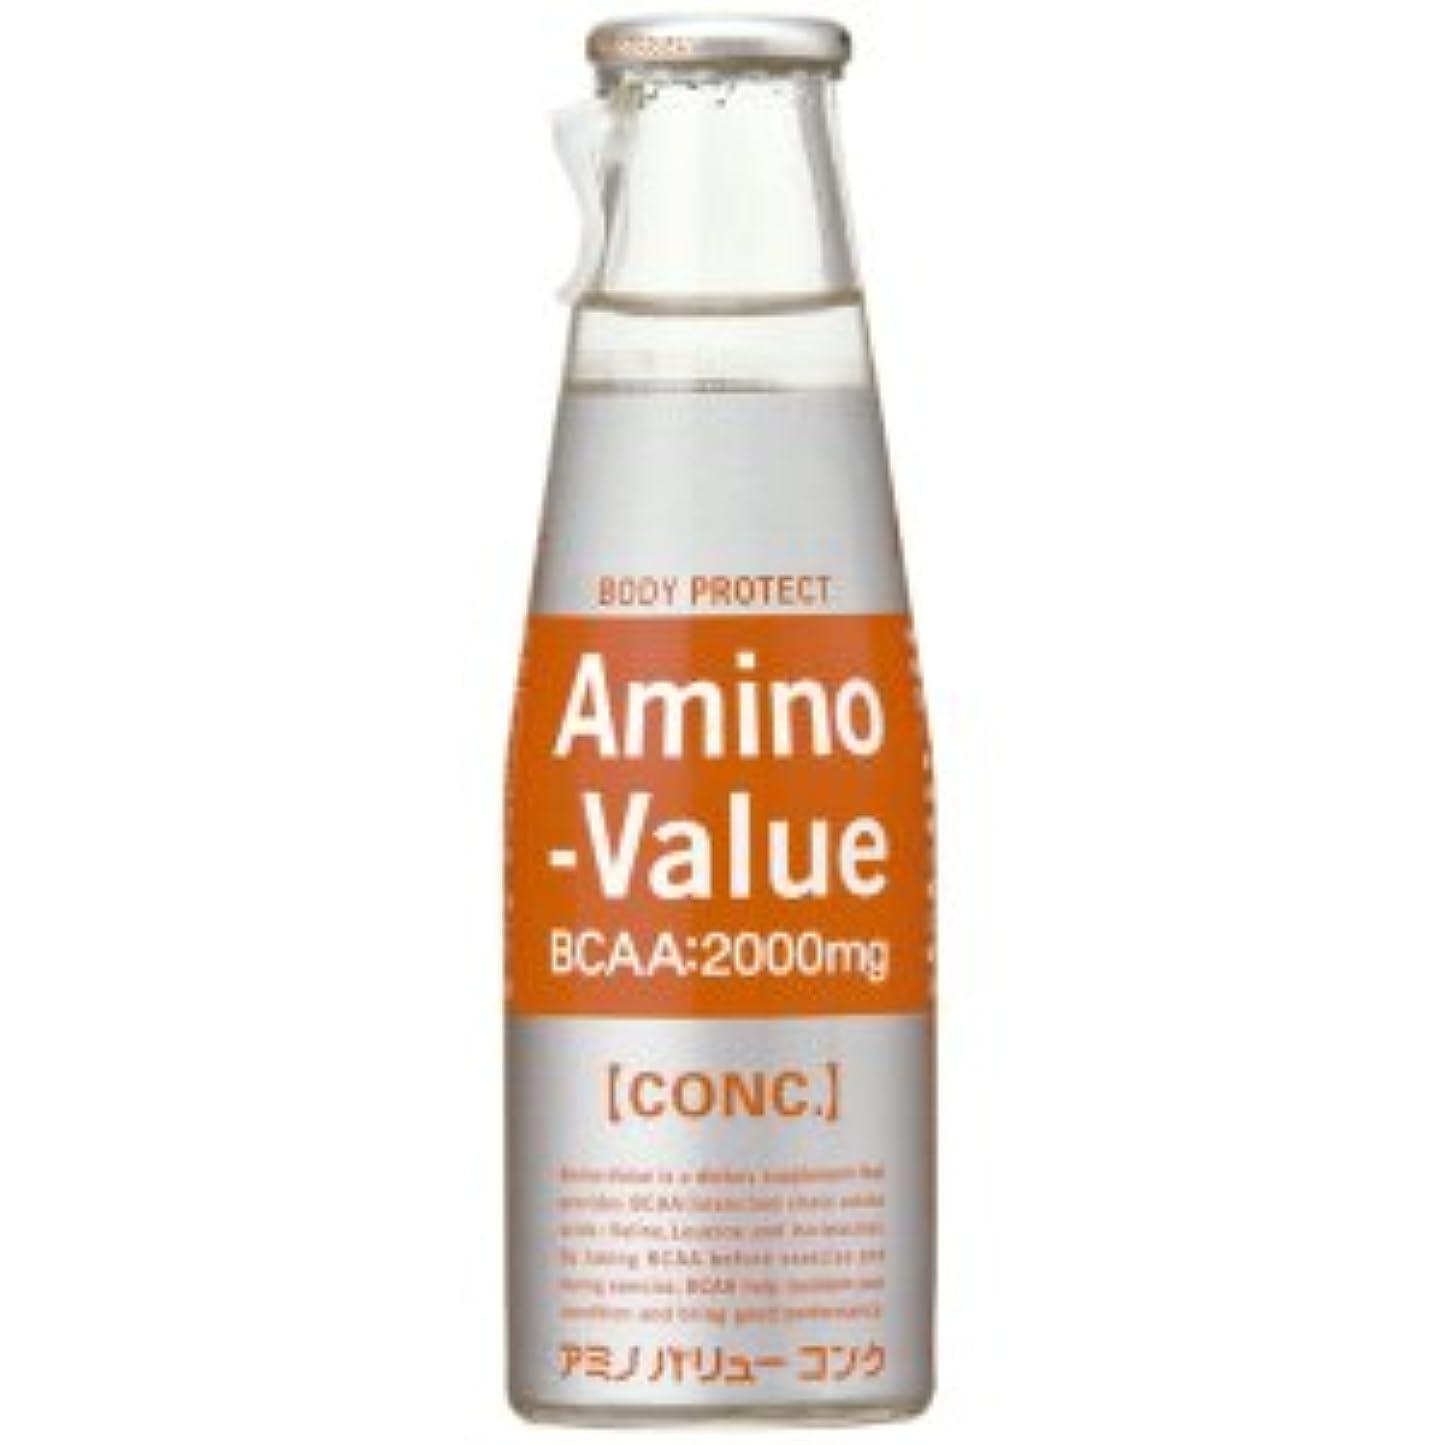 帝国宴会刺します大塚製薬 アミノバリュー コンク 100ml 1ケース(100mlx30本) Amino-Value CONC